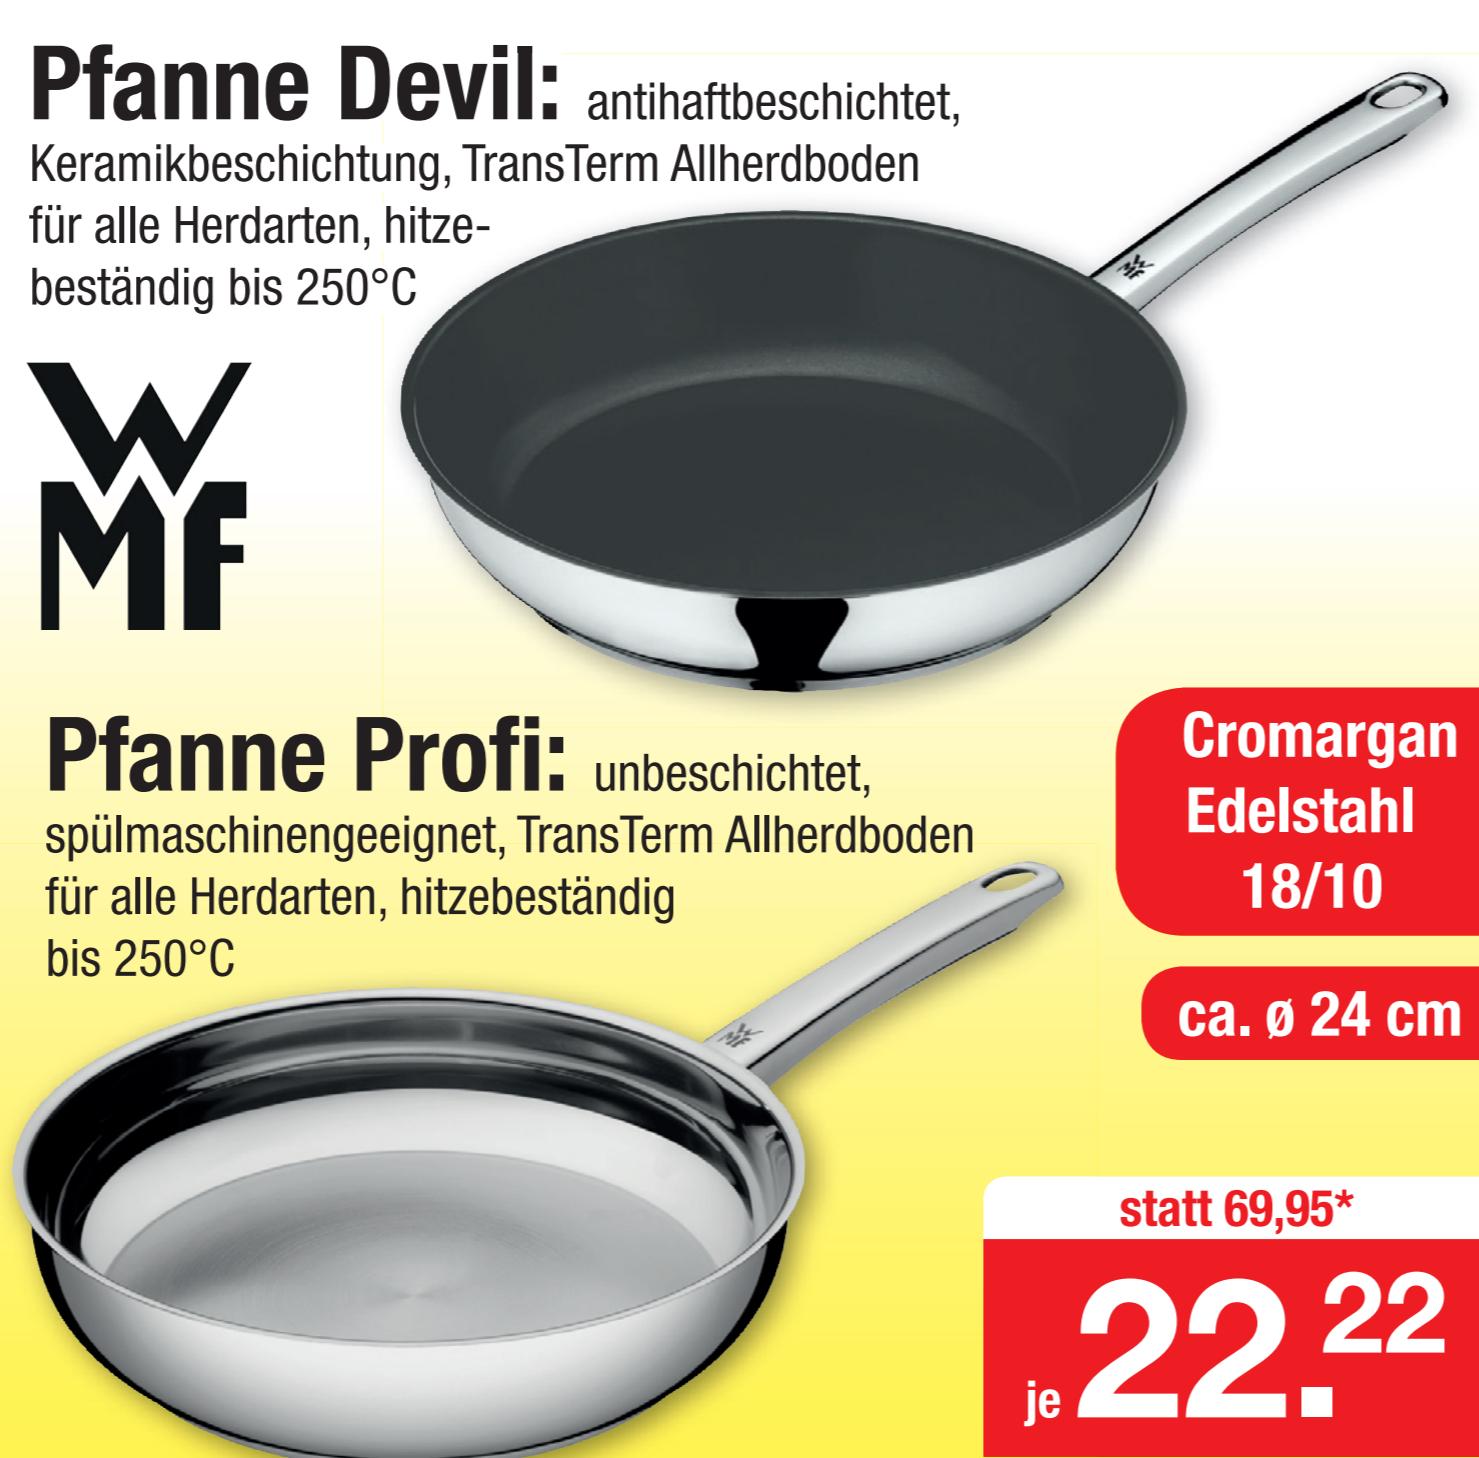 """[Zimmermann] Keramik-beschichtete WMF 24cm Pfanne """"Devil"""" mit Edelstahlgriff & Schüttrand (PTFE-&PFOA-frei) // WMF Profi Pfanne 24 cm"""